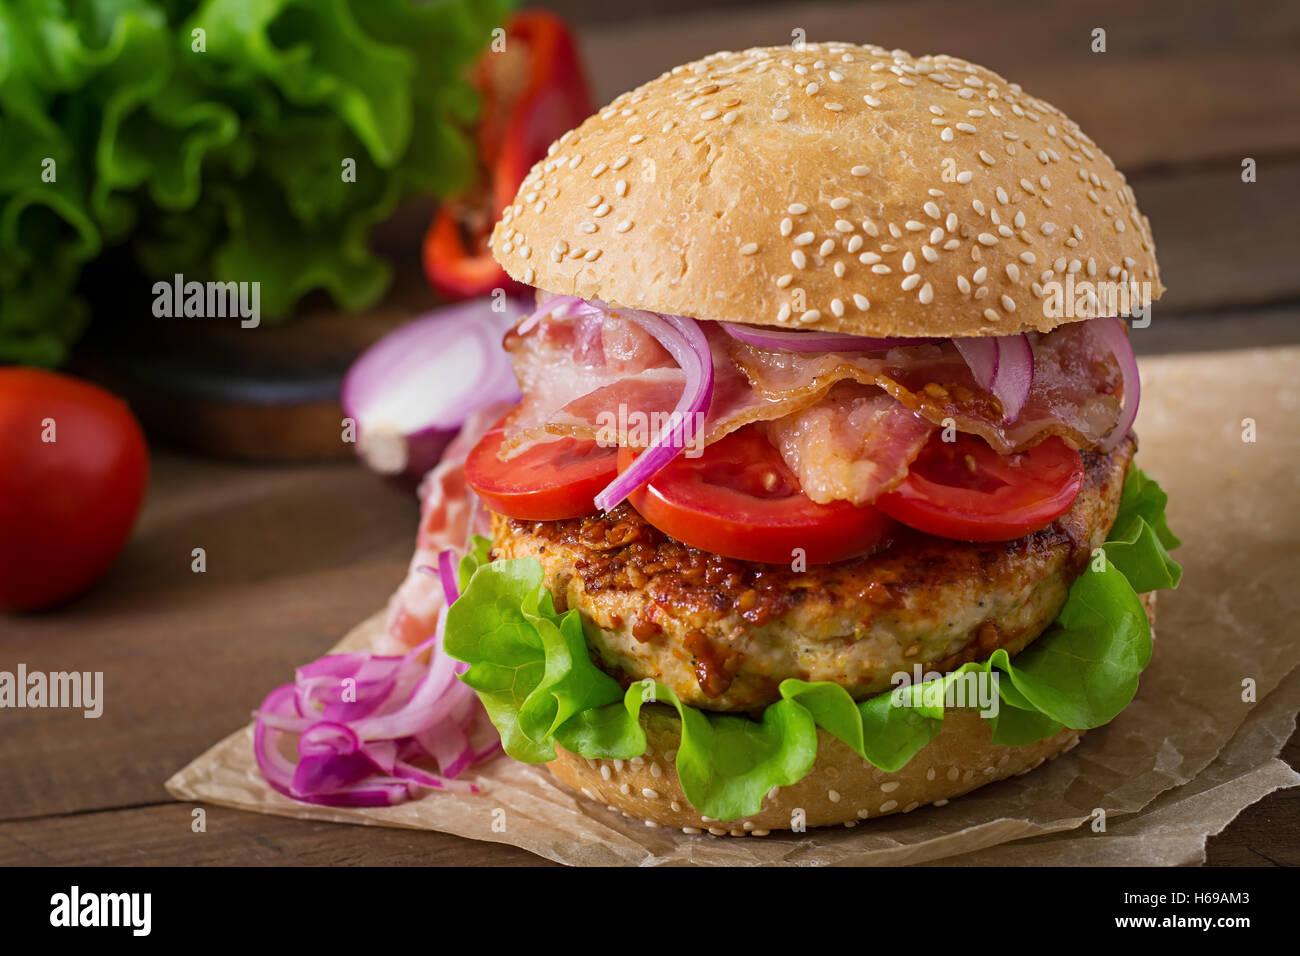 Big Sandwich - Hamburger Burger mit Rindfleisch, roten Zwiebeln, Tomaten und gebratenen Speck. Stockbild